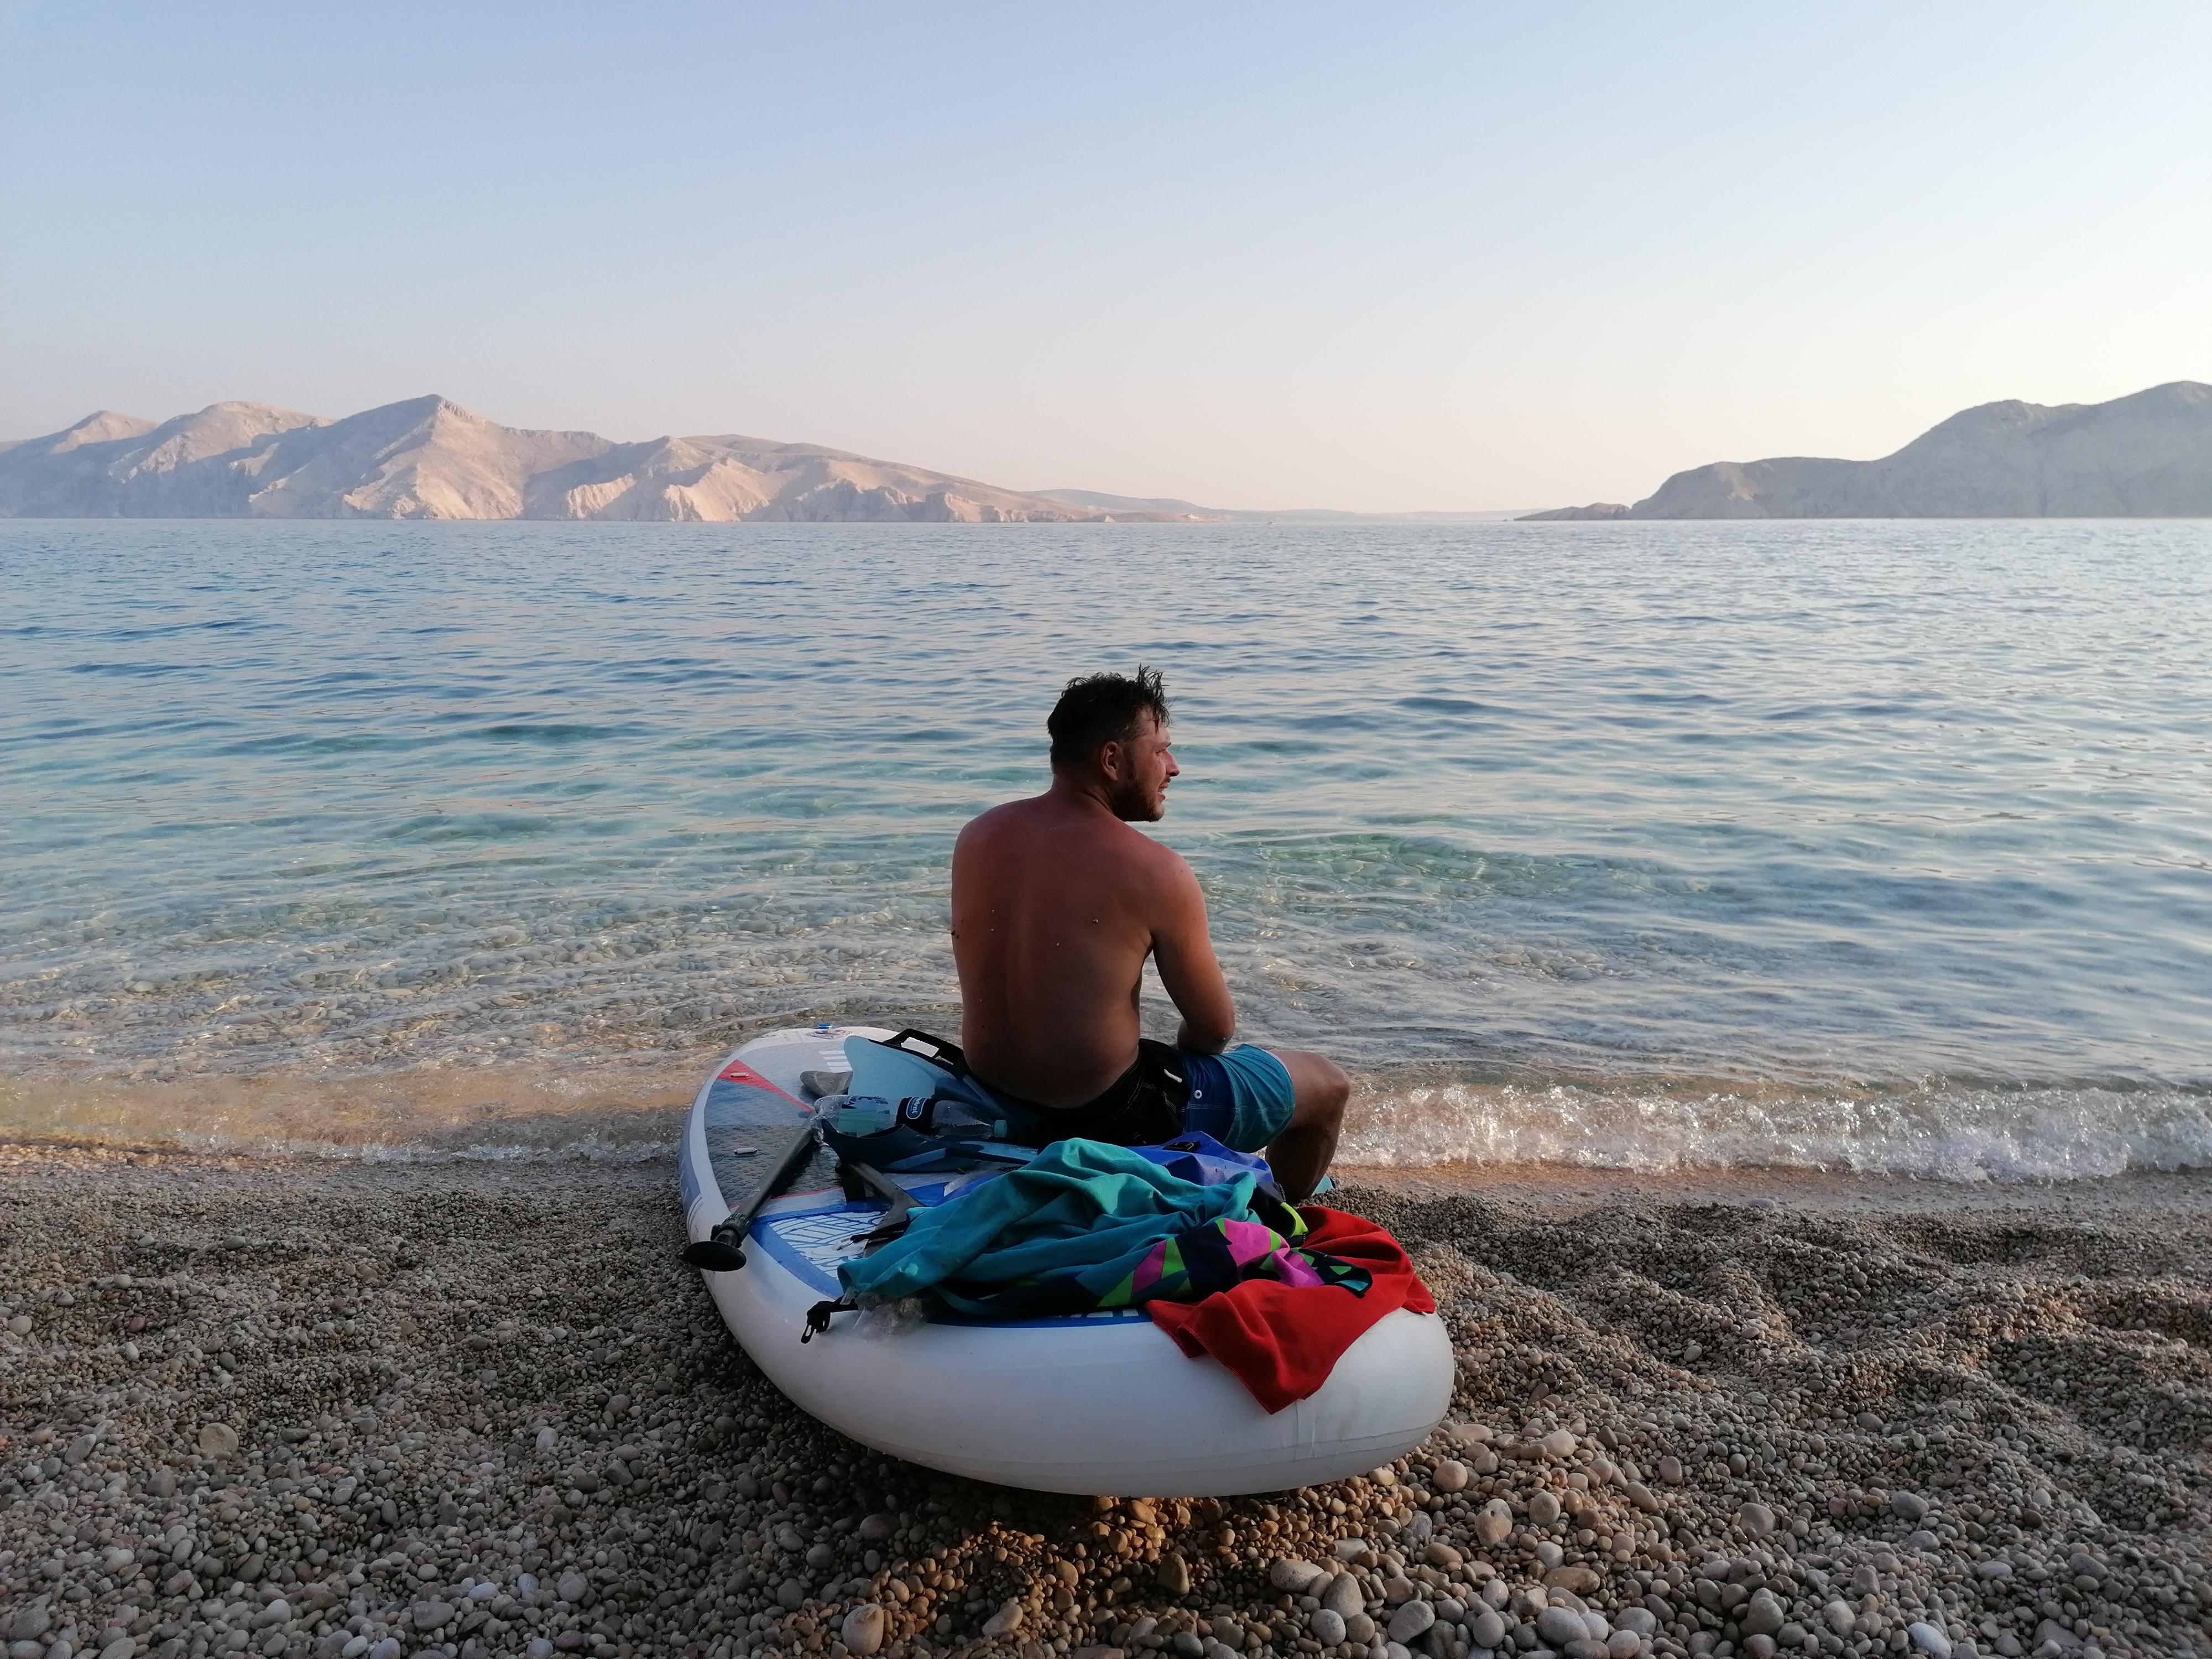 SUPing po zatoce przy Basce